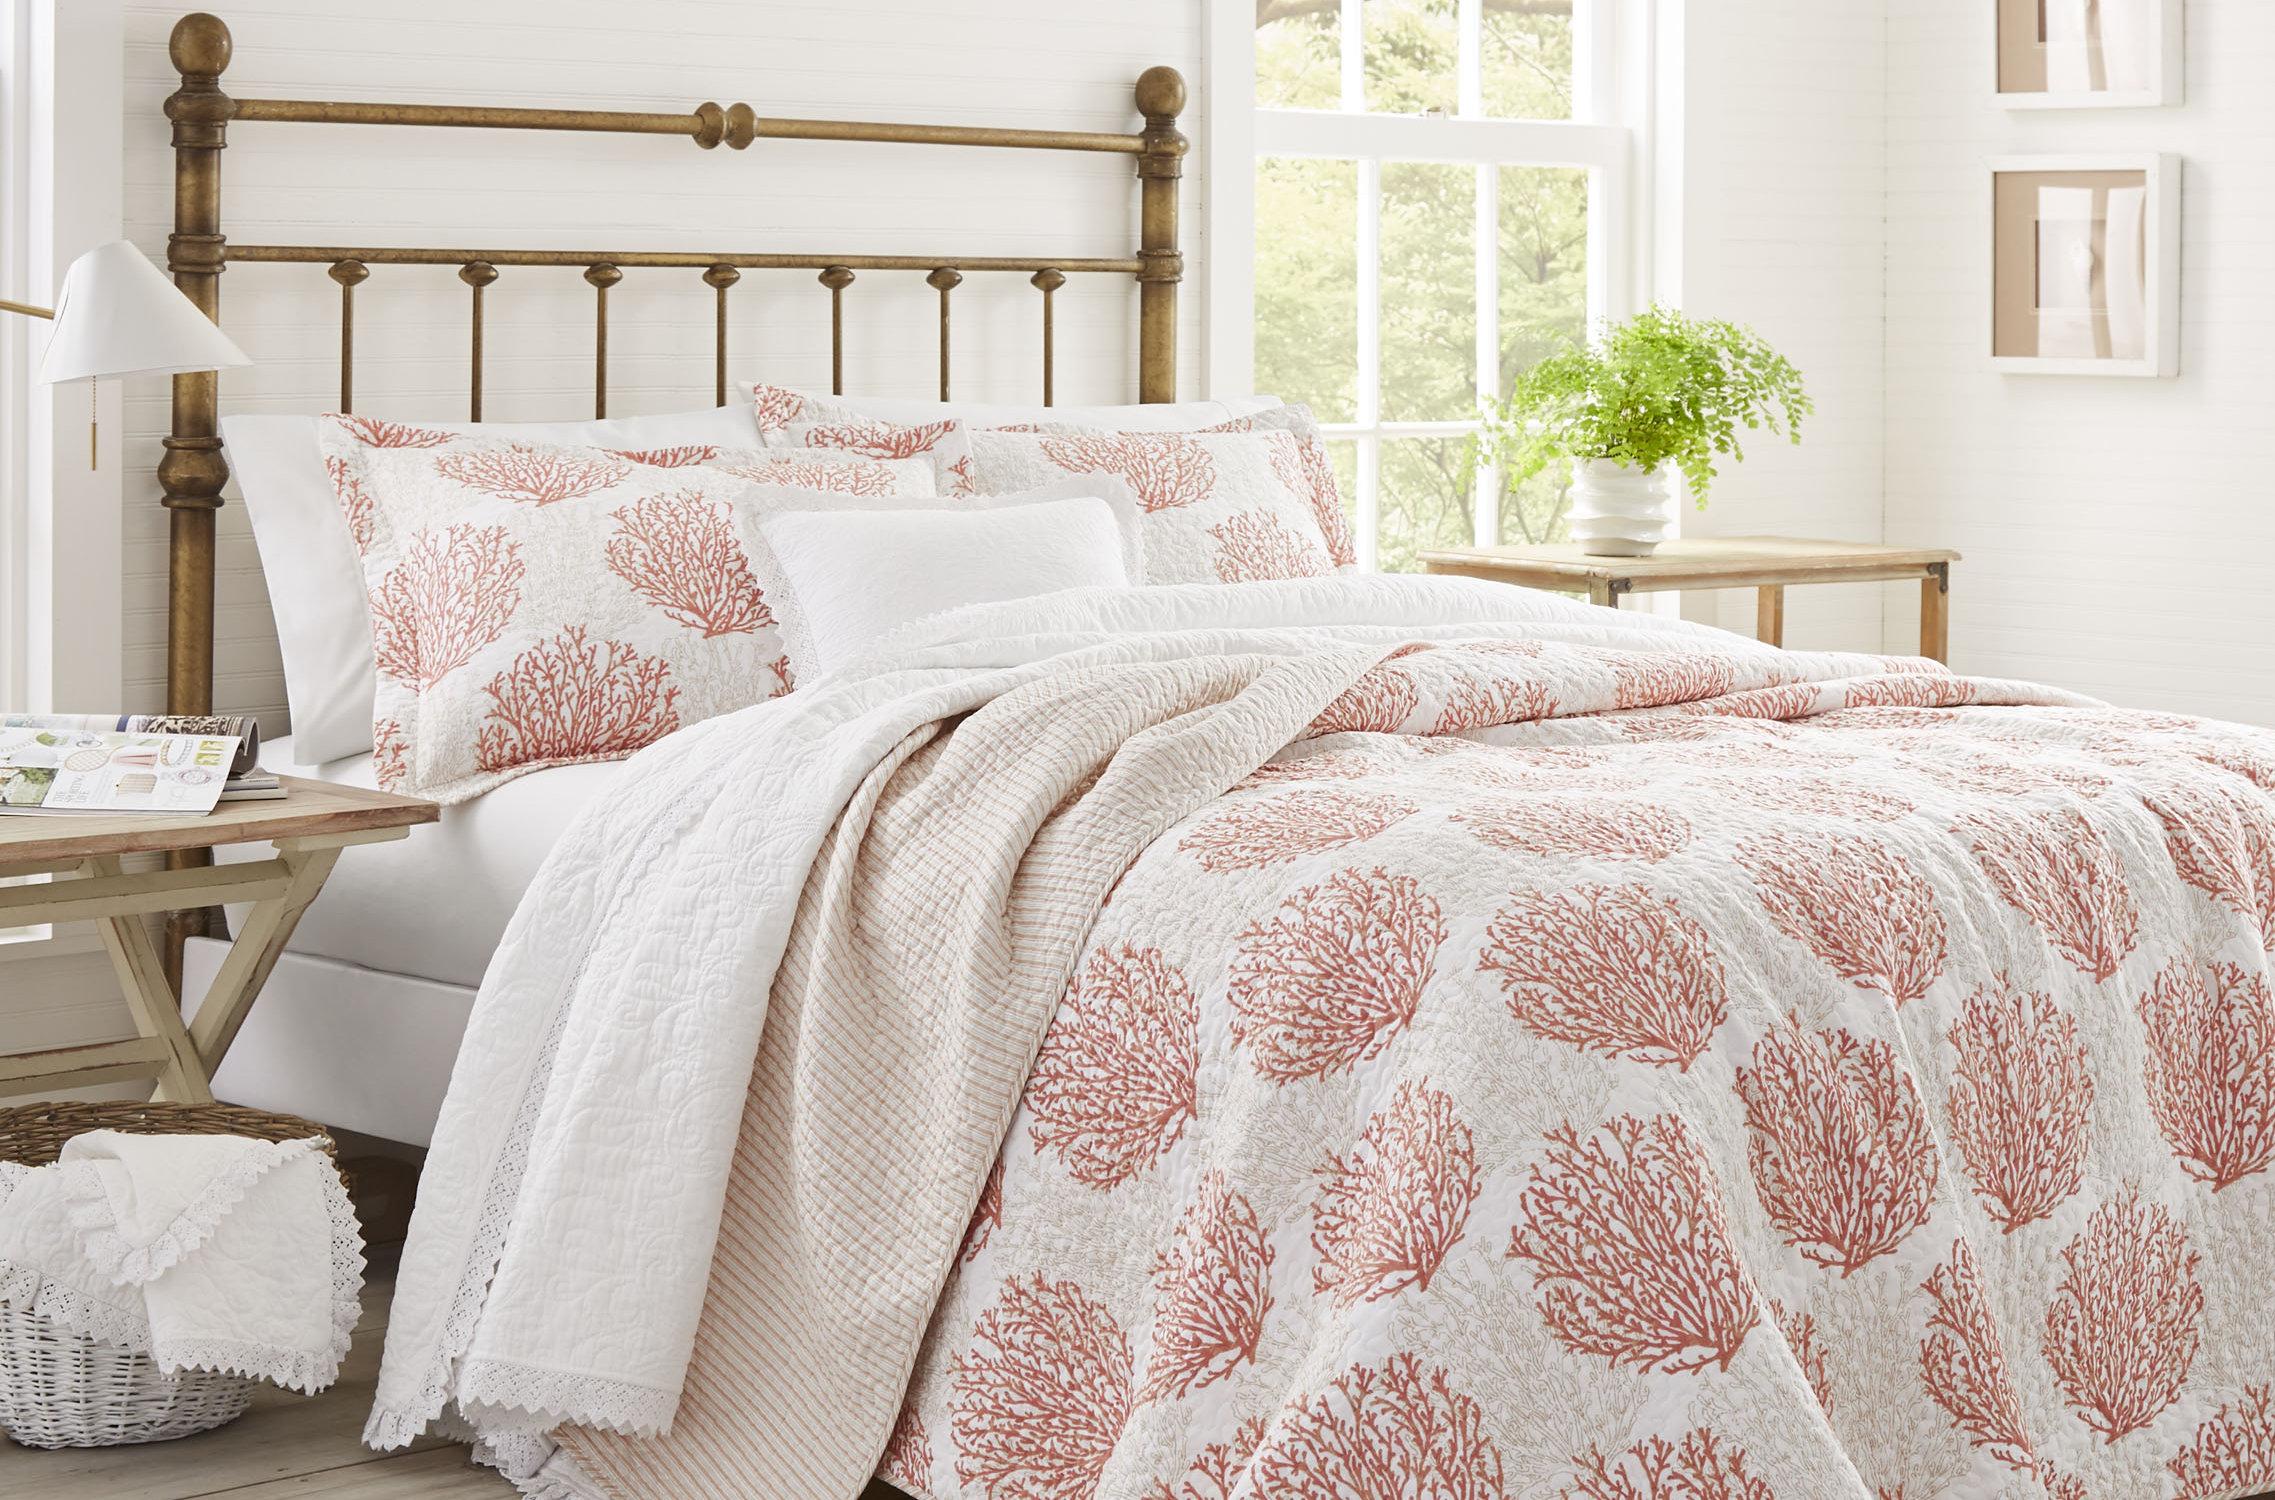 Laura Ashley C Coast Cotton Reversible Quilt Set By Home Reviews Wayfair